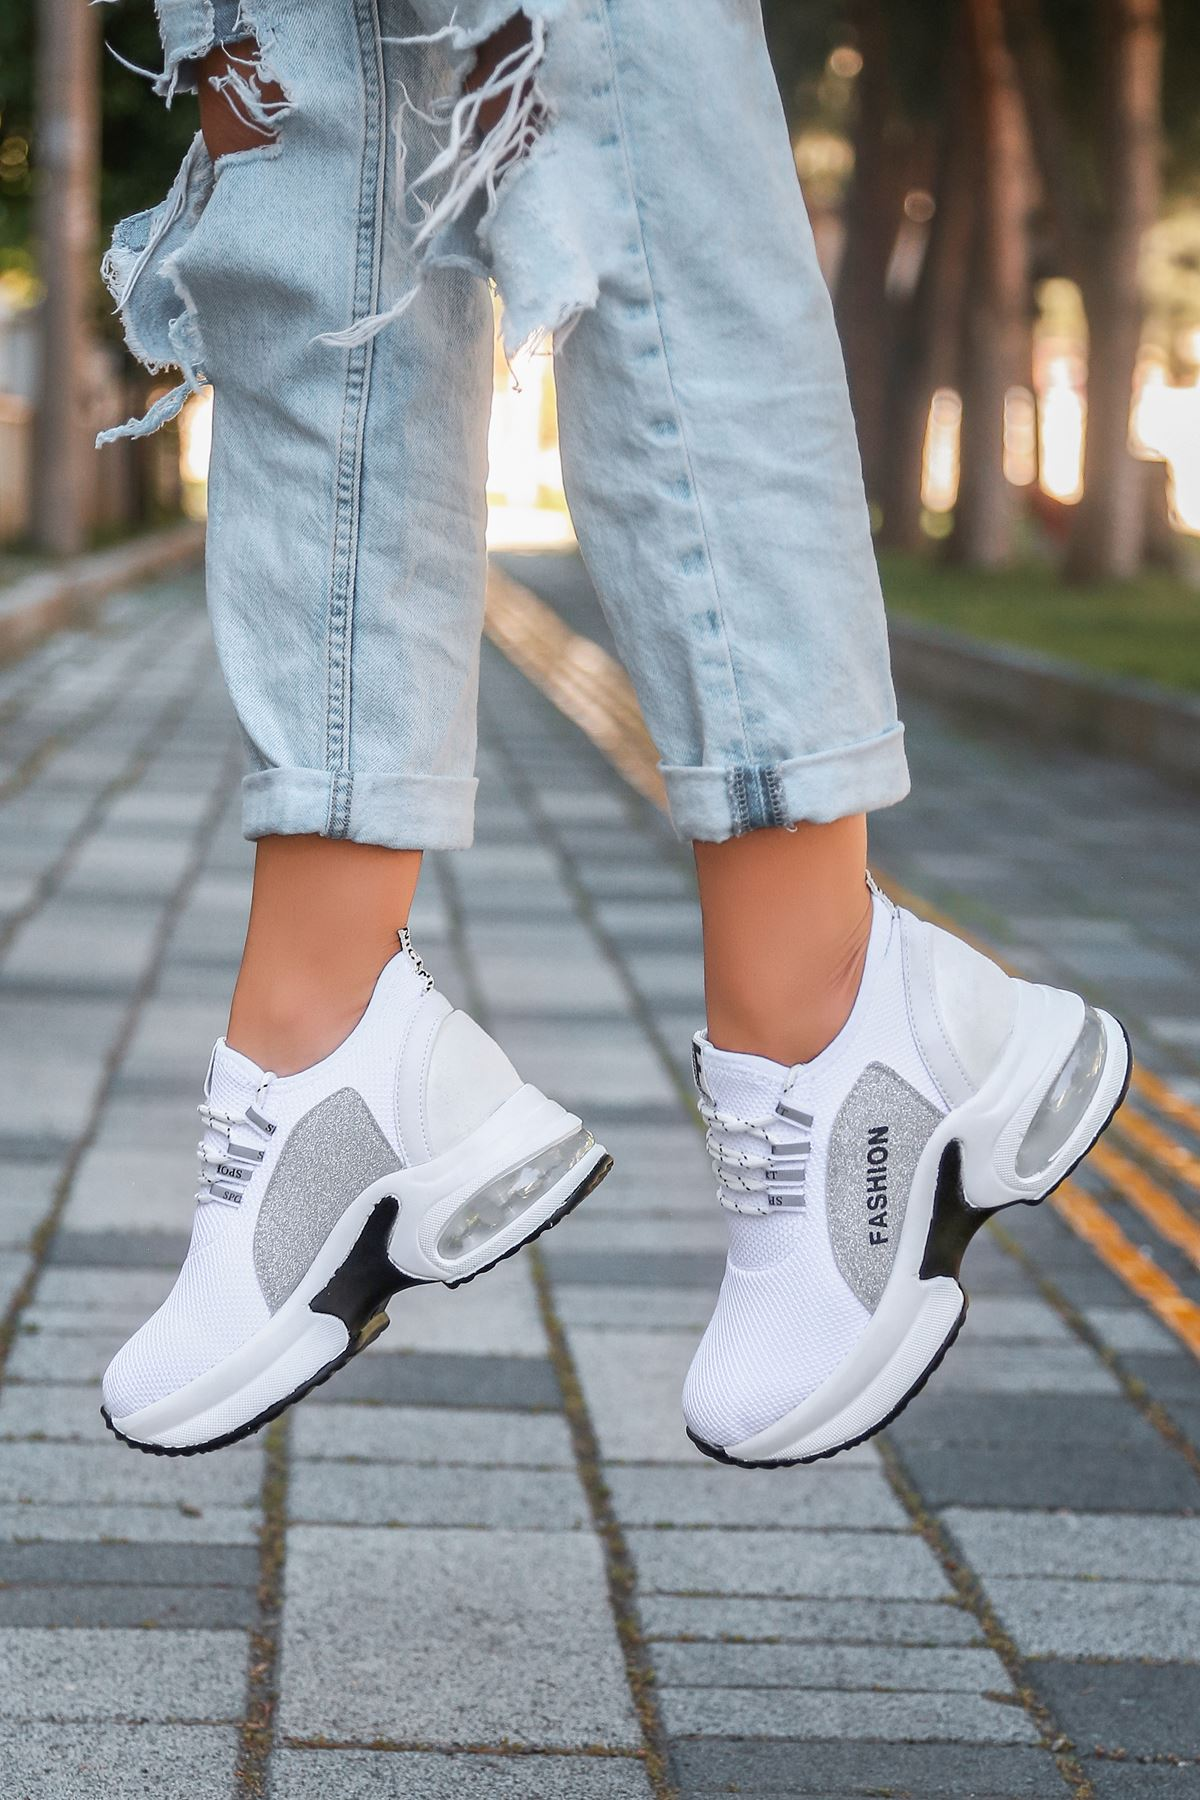 Odessa Triko Hava Taban Detaylı Ortopedik  Kadın Spor Ayakkabı Beyaz